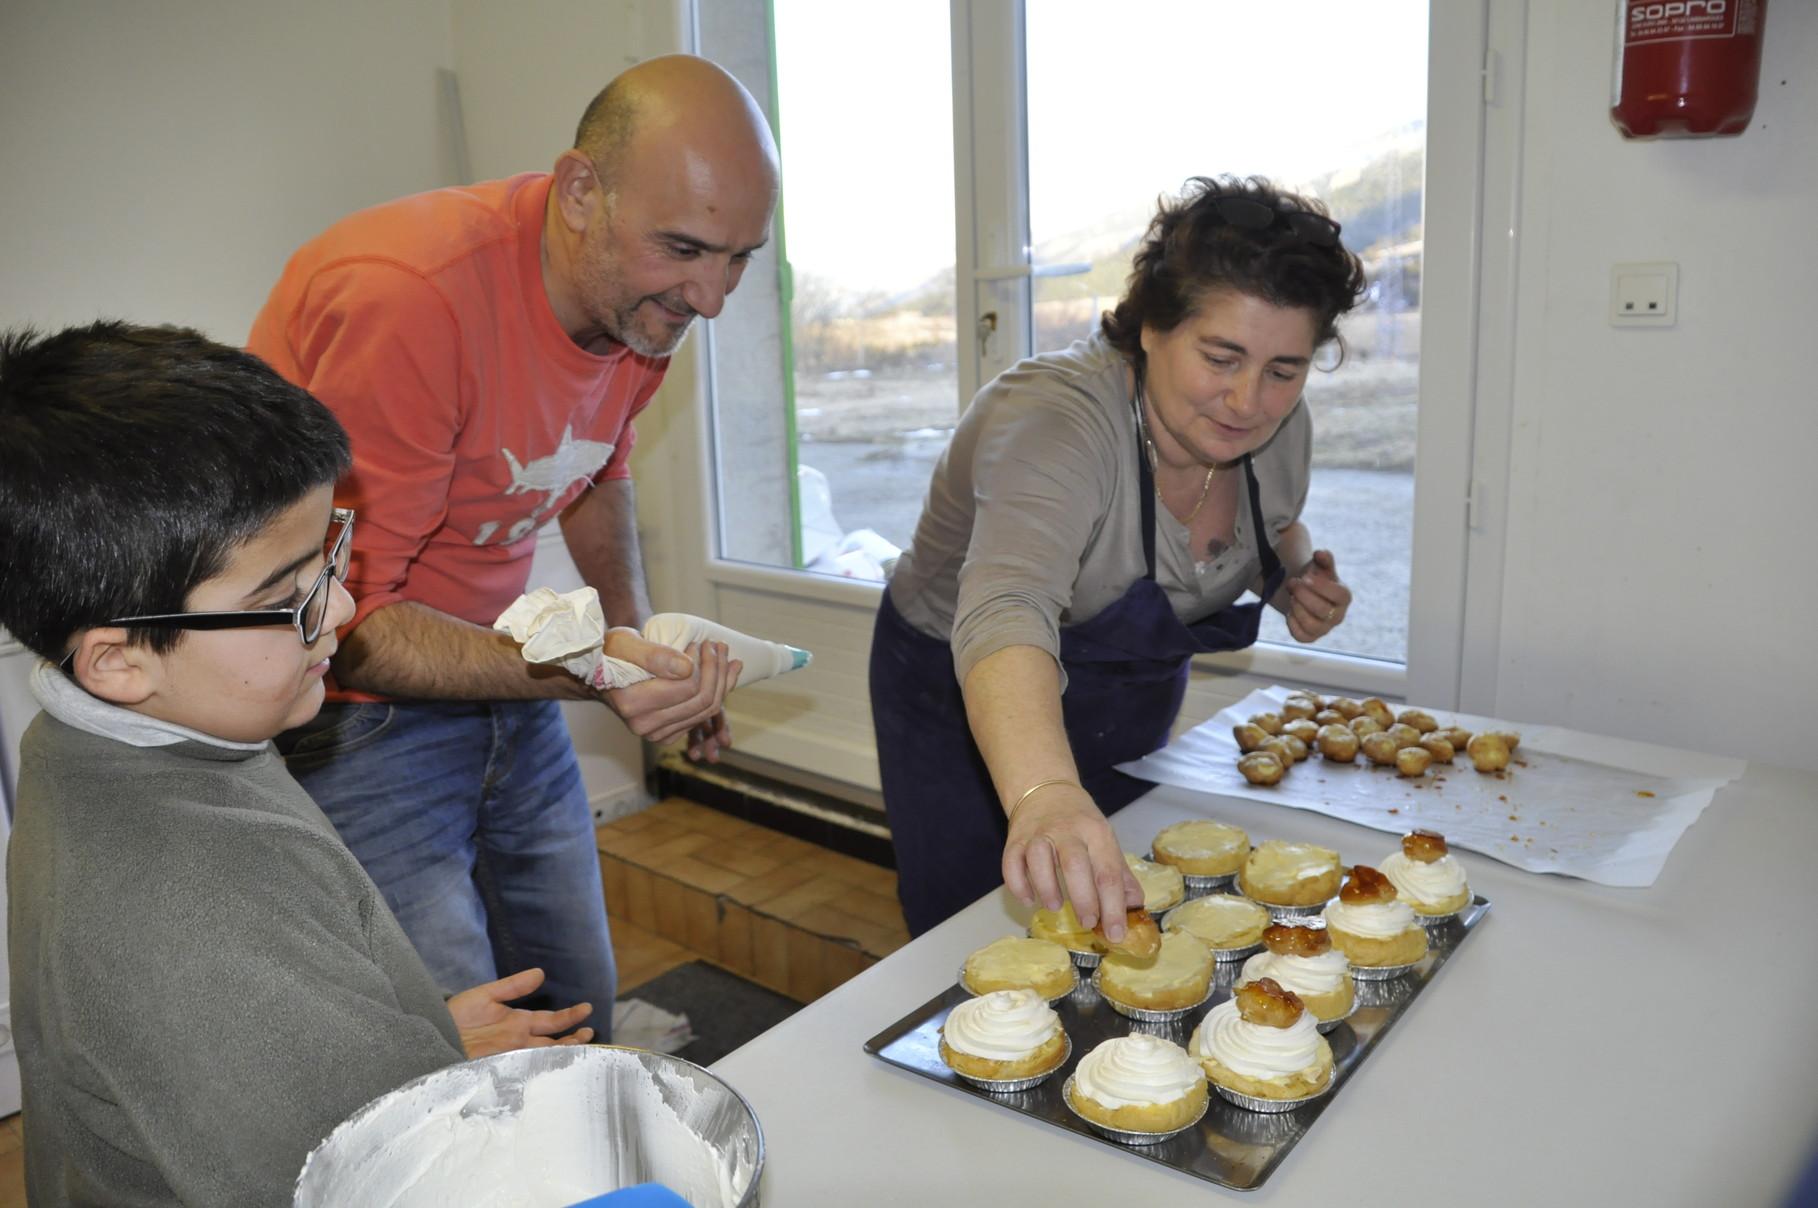 Laurent prépare les desserts sous l'oeil d'hélène